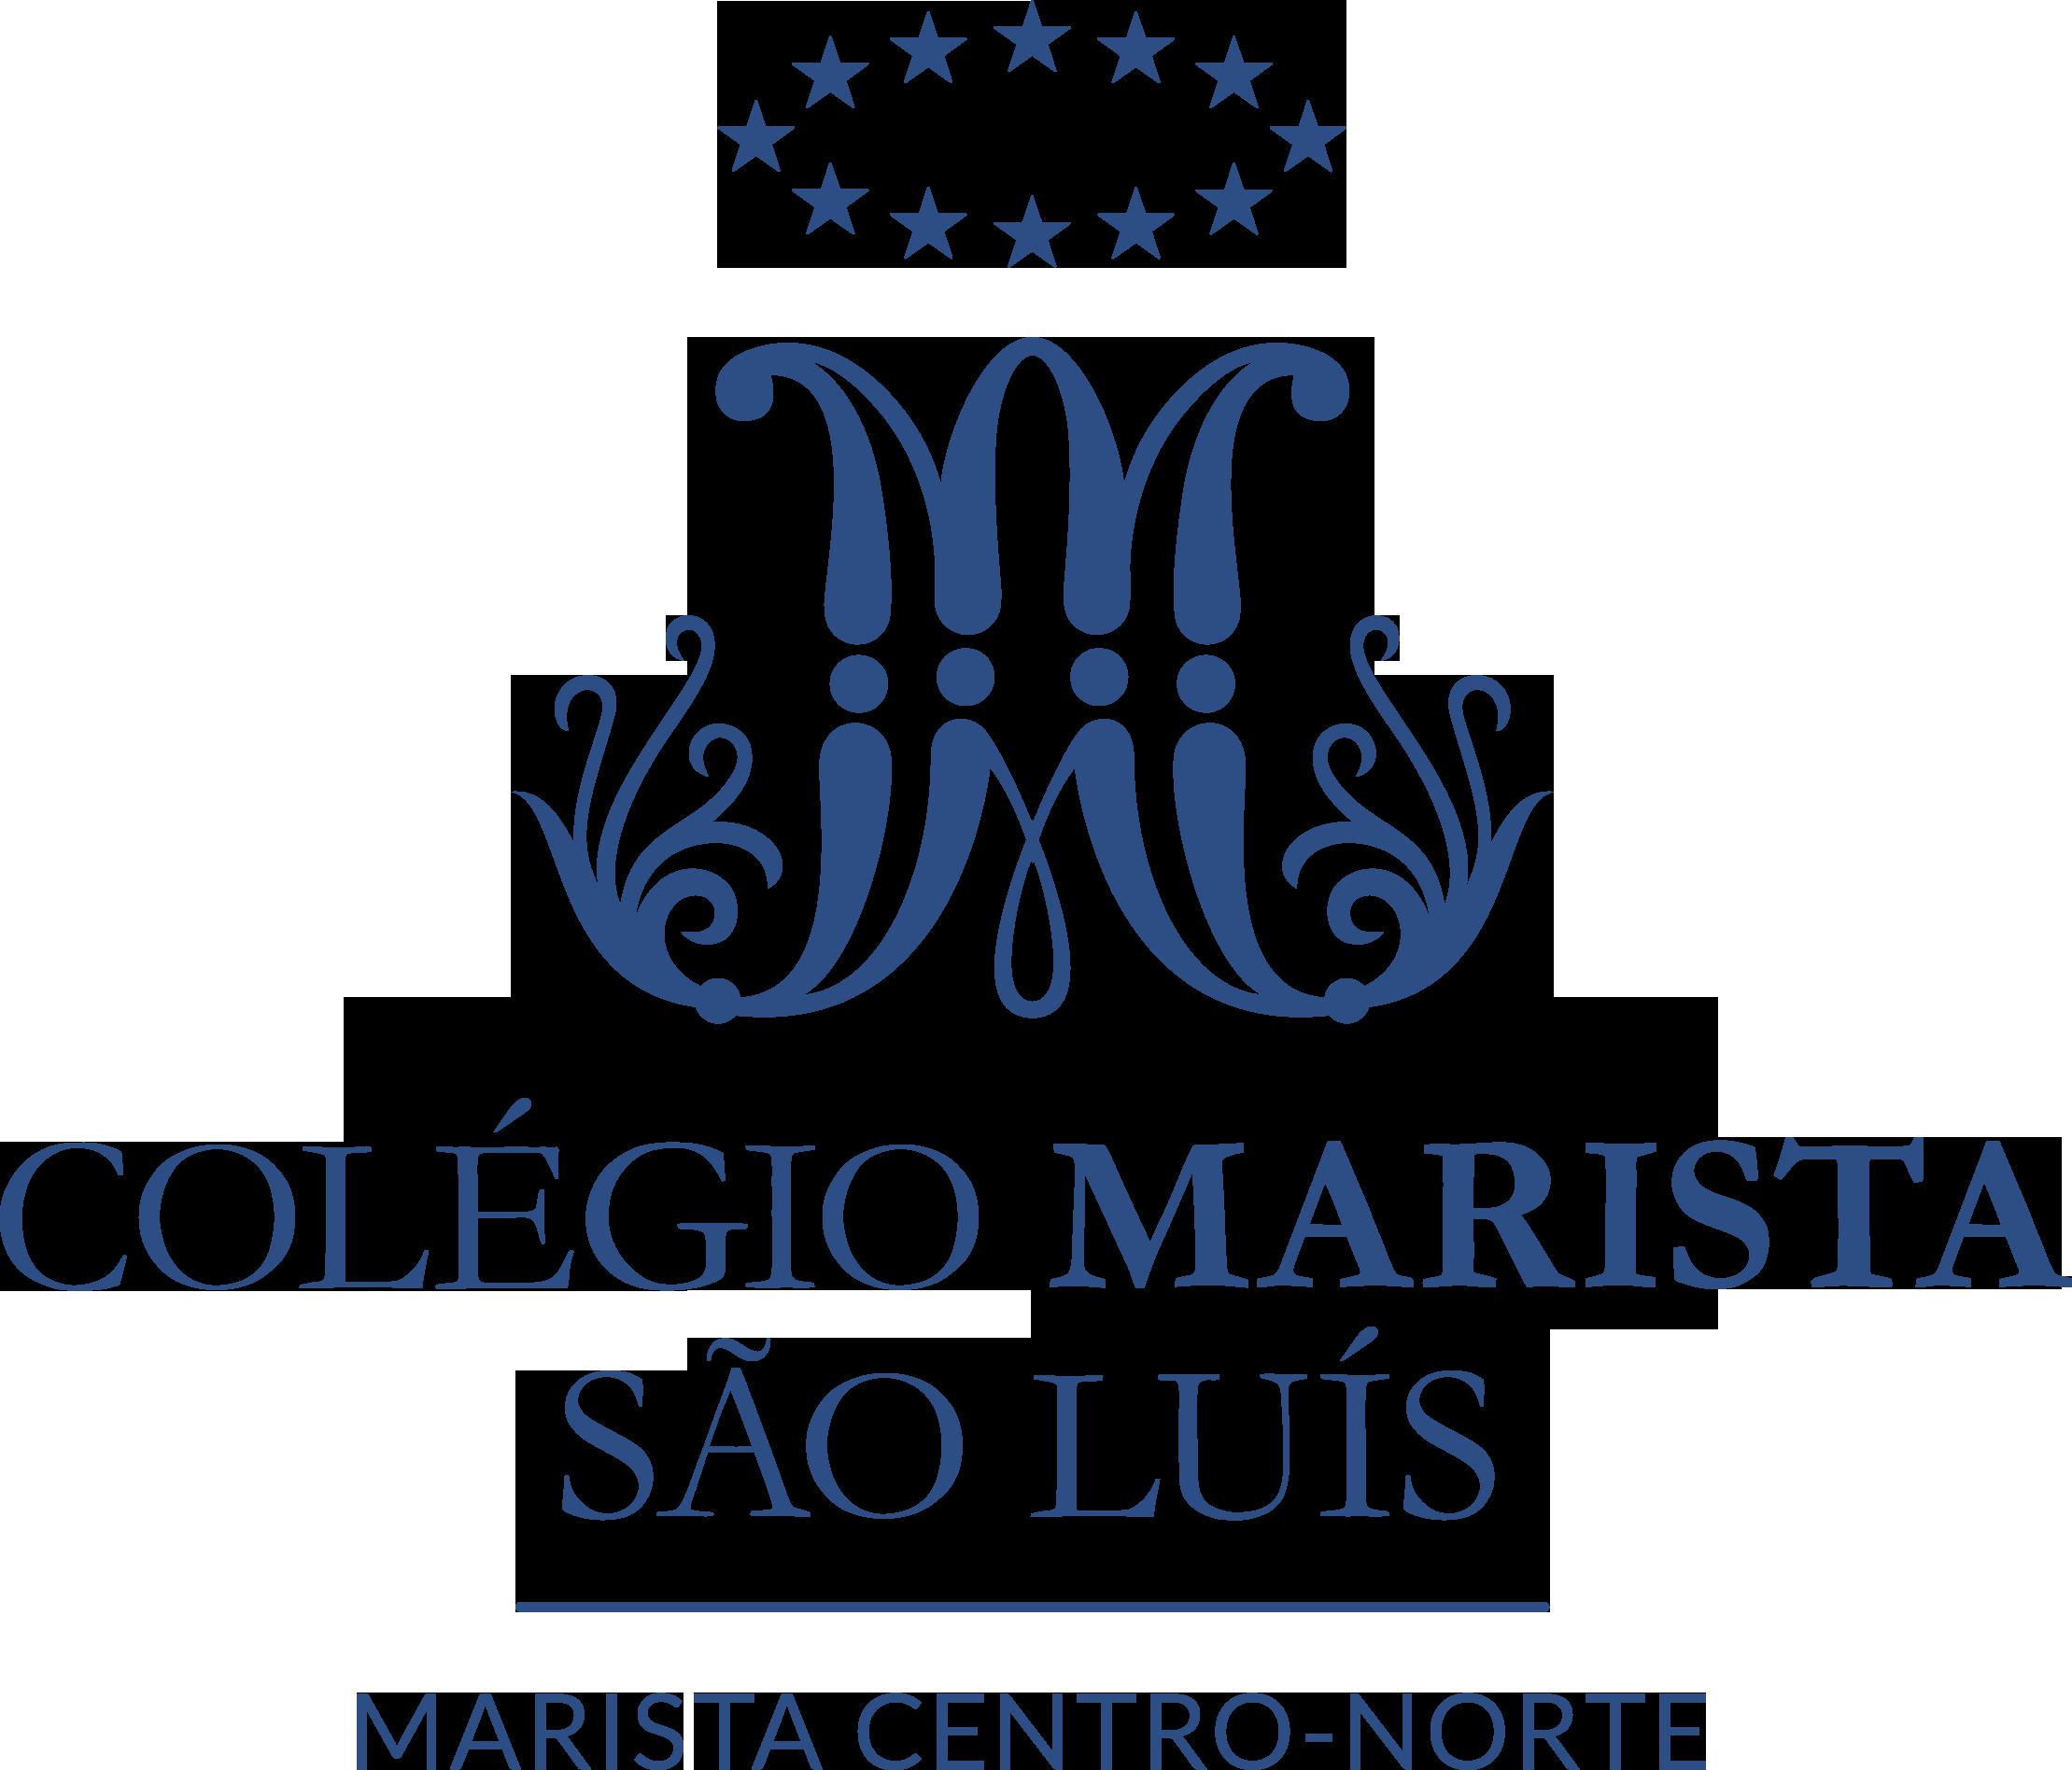 Colégio Marista São Luís (Recife)